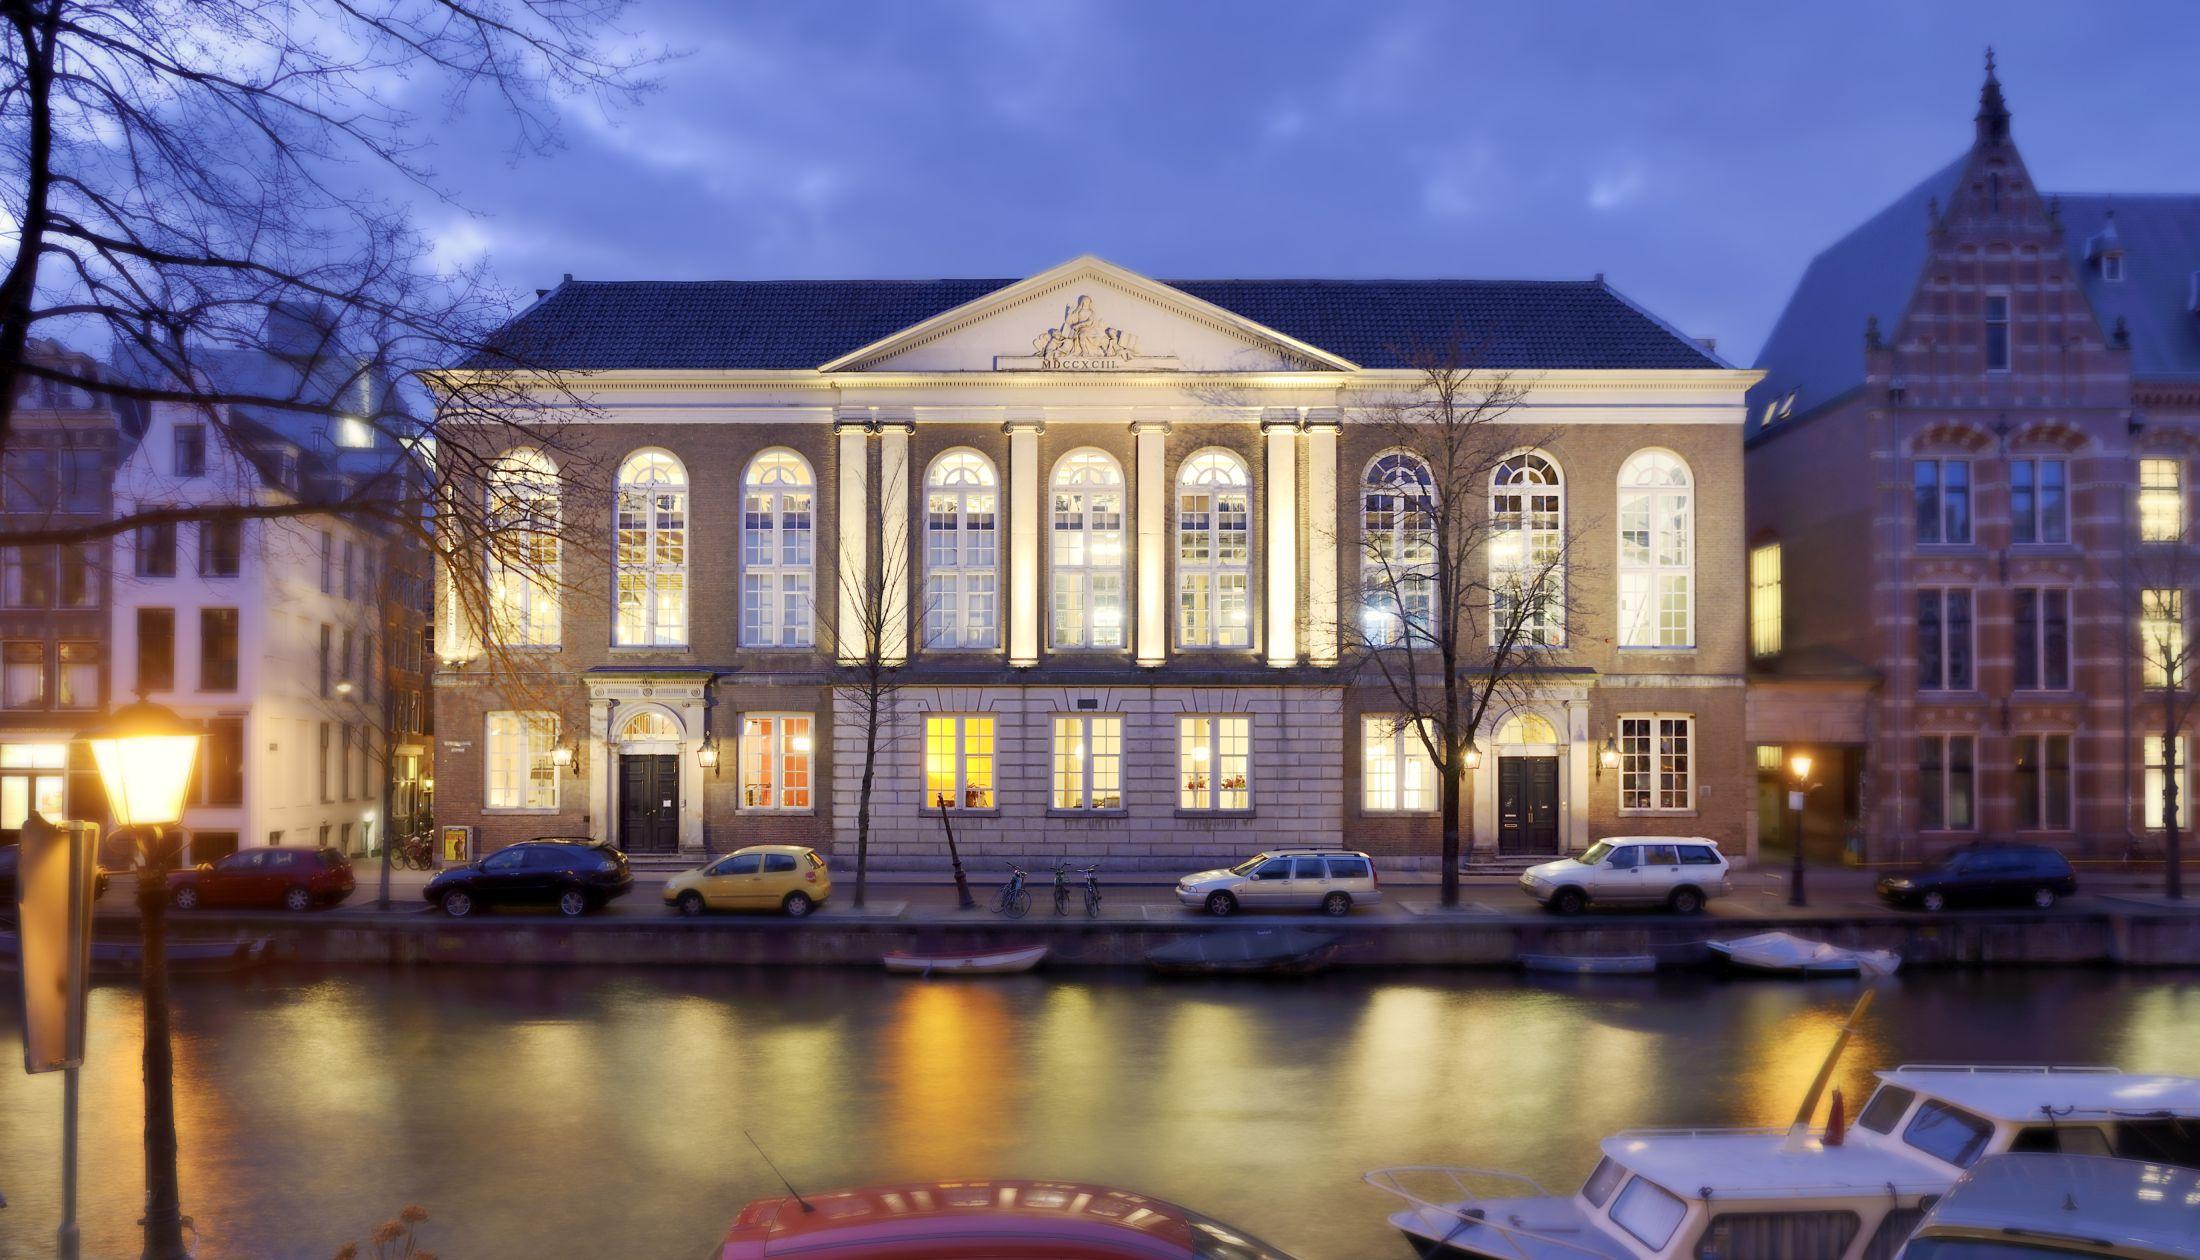 Compagnietheater-2013-foto-Deen-van-Meer-slider